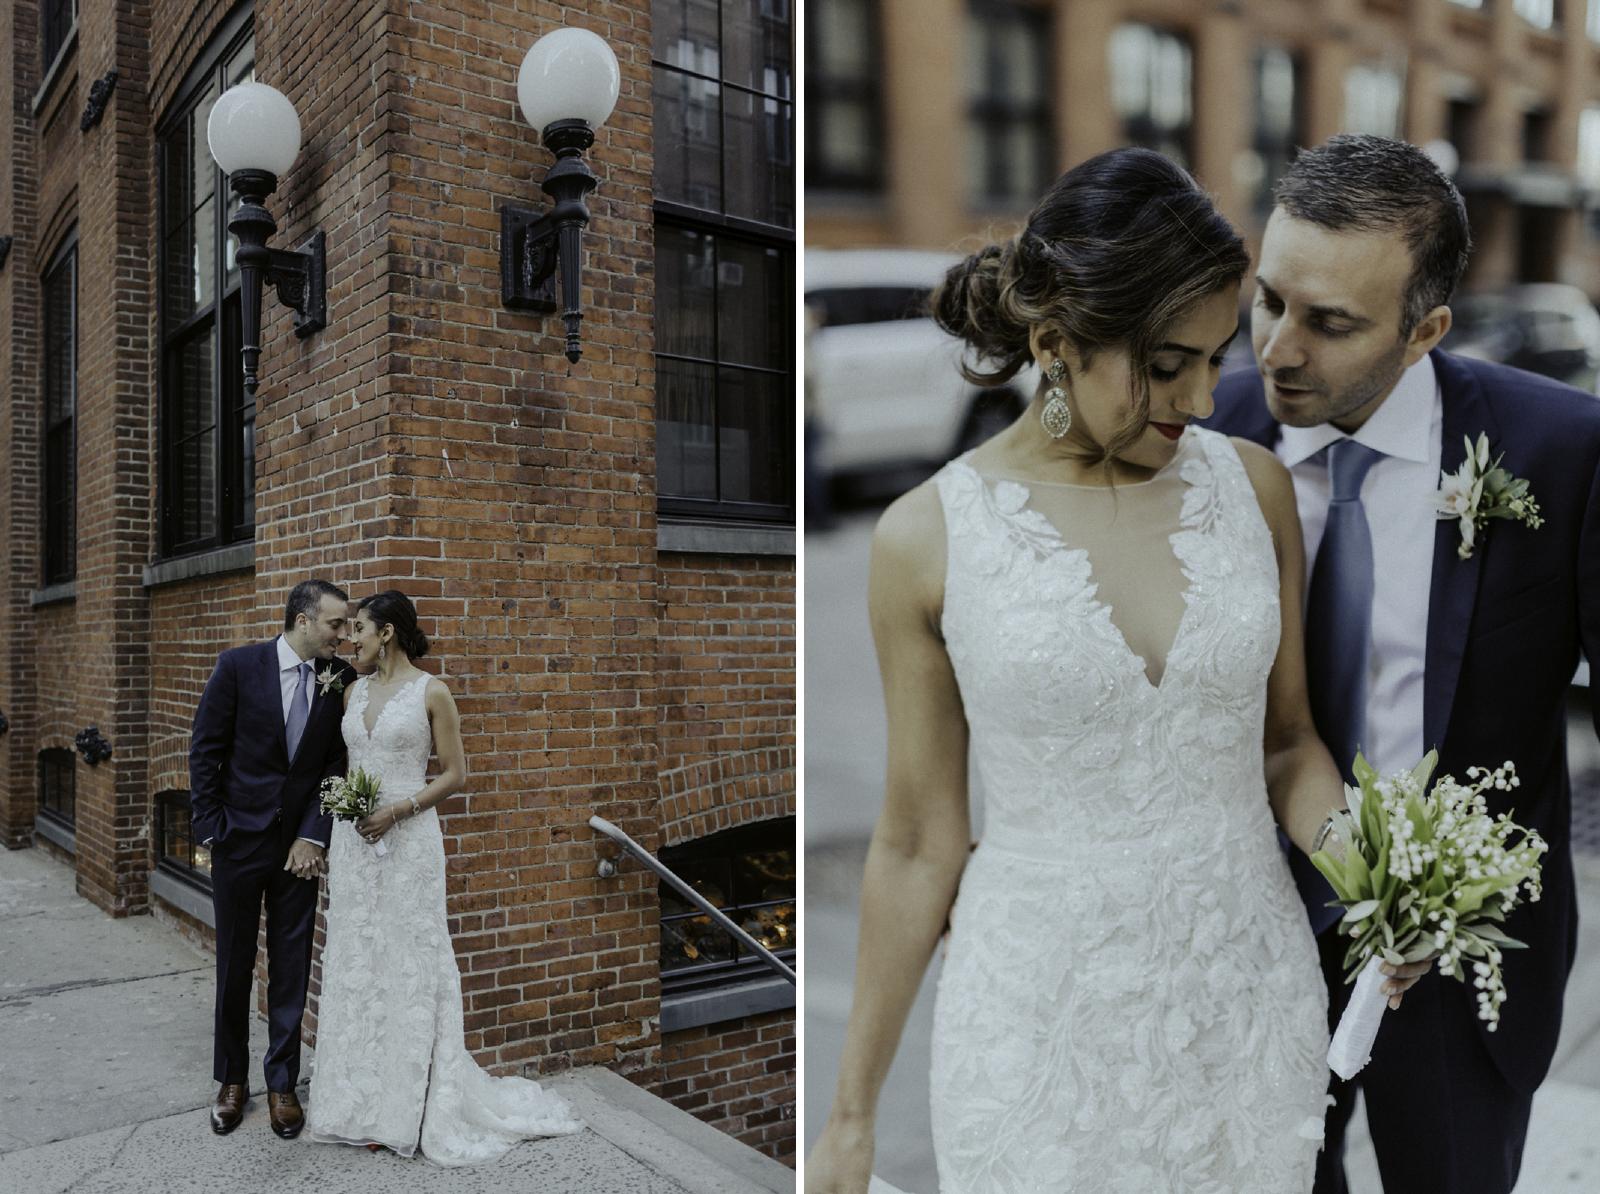 Chris+Shruti-Married-Blog-45.jpg